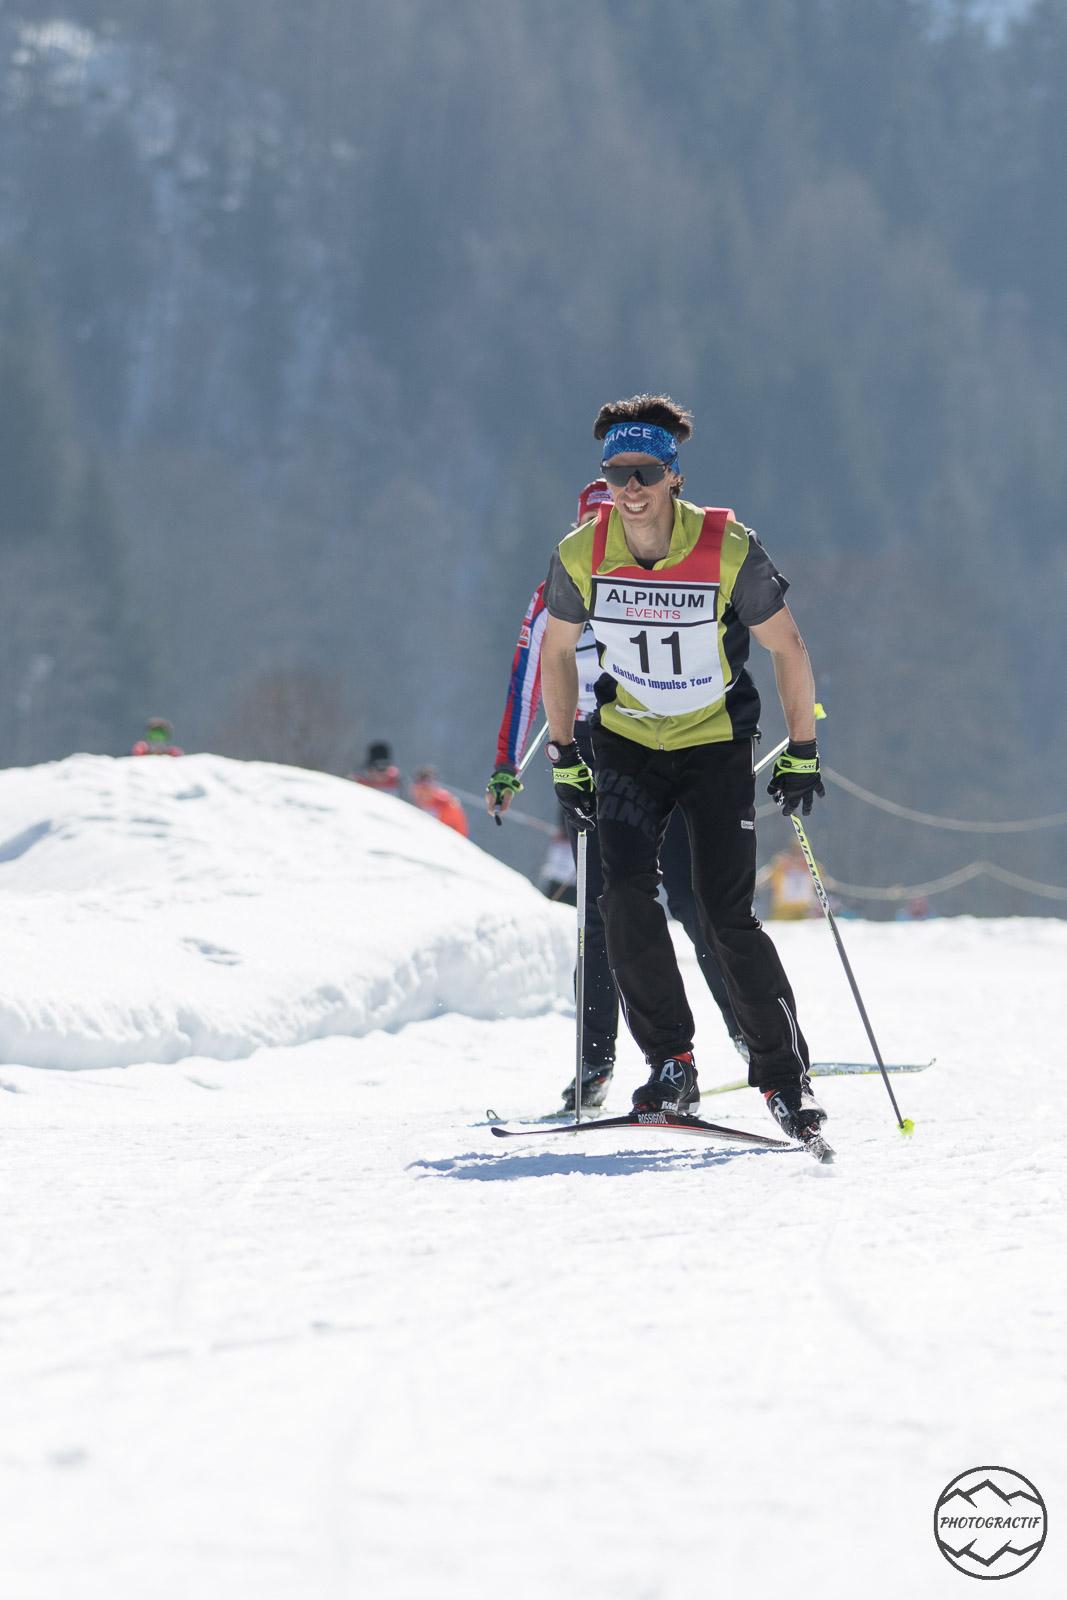 Biathlon Alpinum Les Contamines 2019 (10)